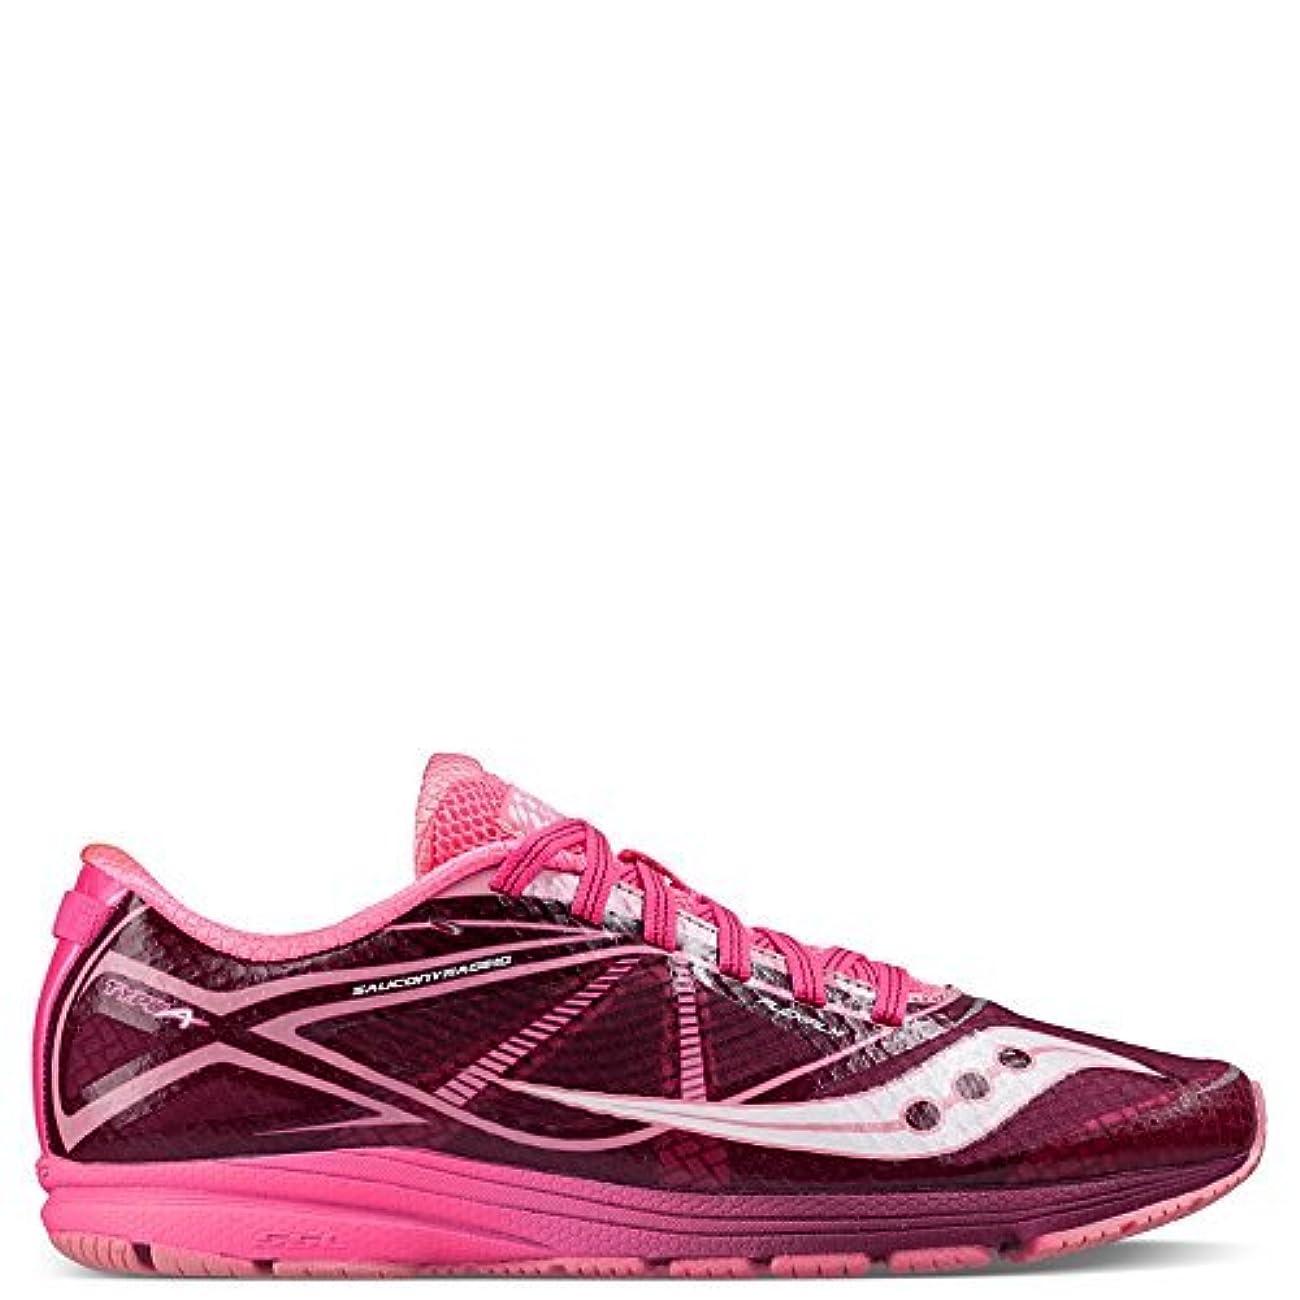 オリエンタルペリスコープ排除Saucony Women's Type A Running ShoePink/PurpleUS 9 M [並行輸入品]